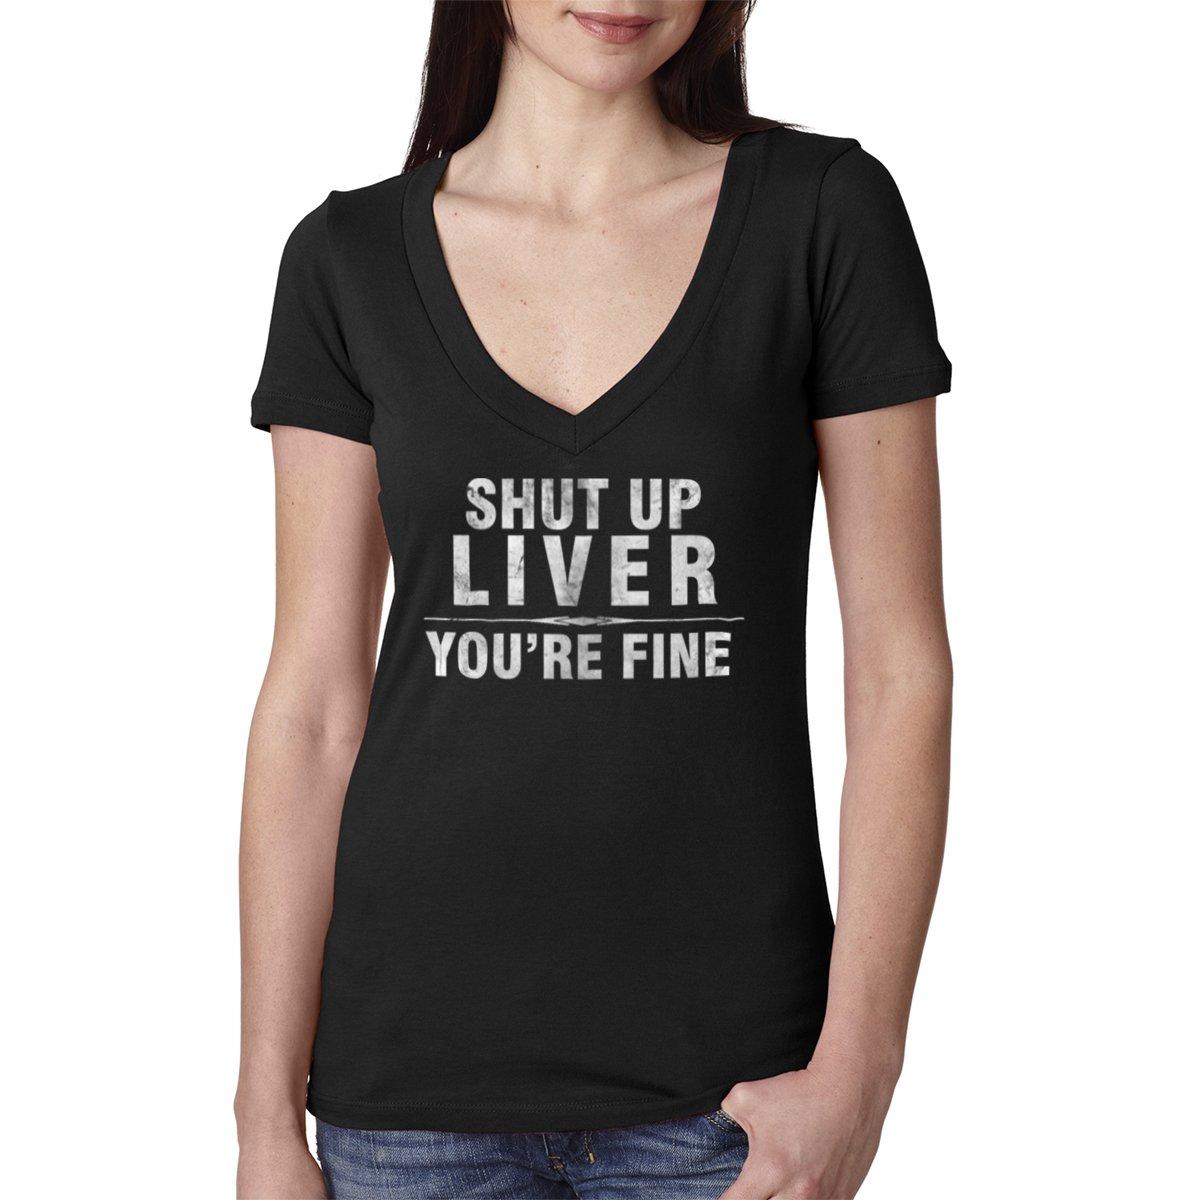 Shut Up Liver You're Fine Women's Cotton V Neck T-Shirt - [Black][XX-Large]